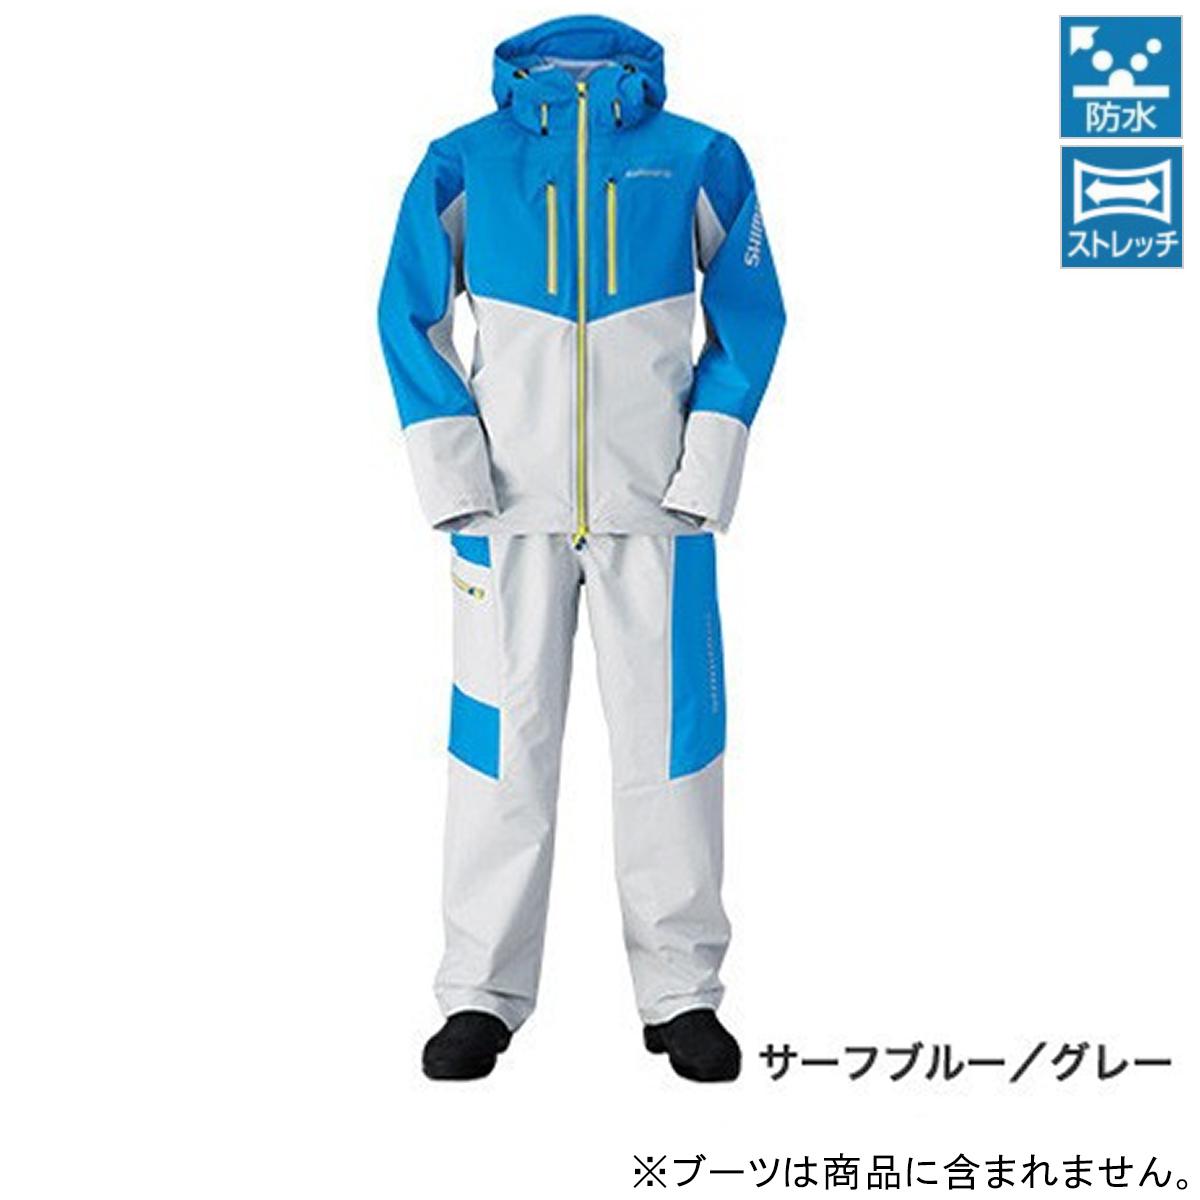 シマノ マリンライトスーツ RA-034N 2XL サーフブルー/グレー